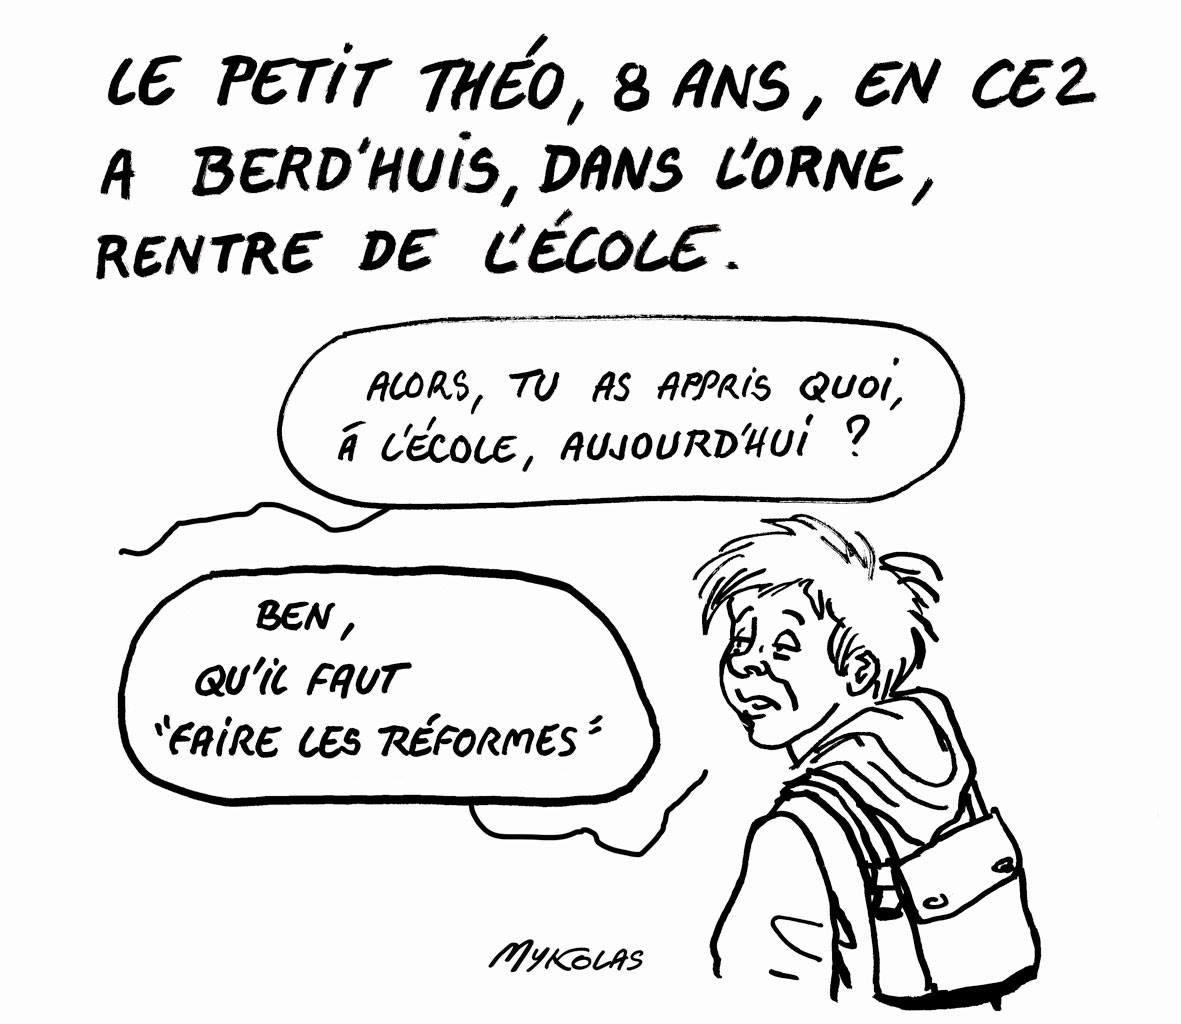 dessin d'actualité d'un écolier de Berd'huis, dans l'Orne, qui rentre de l'école après avoir reçu la leçon d'Emmanuel Macron